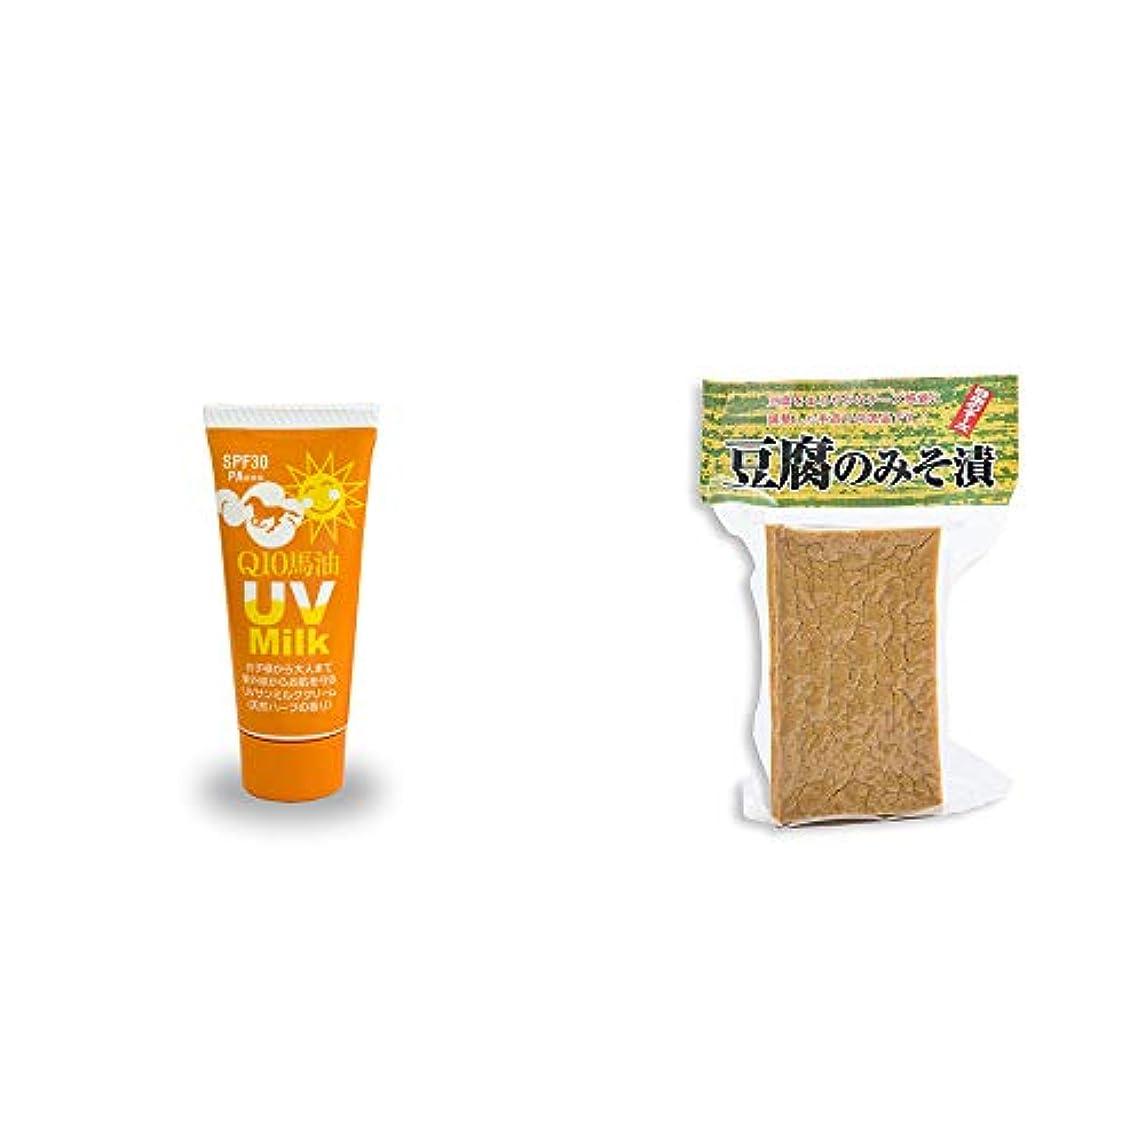 耐えられる恥季節[2点セット] 炭黒泉 Q10馬油 UVサンミルク[天然ハーブ](40g)?日本のチーズ 豆腐のみそ漬(1個入)